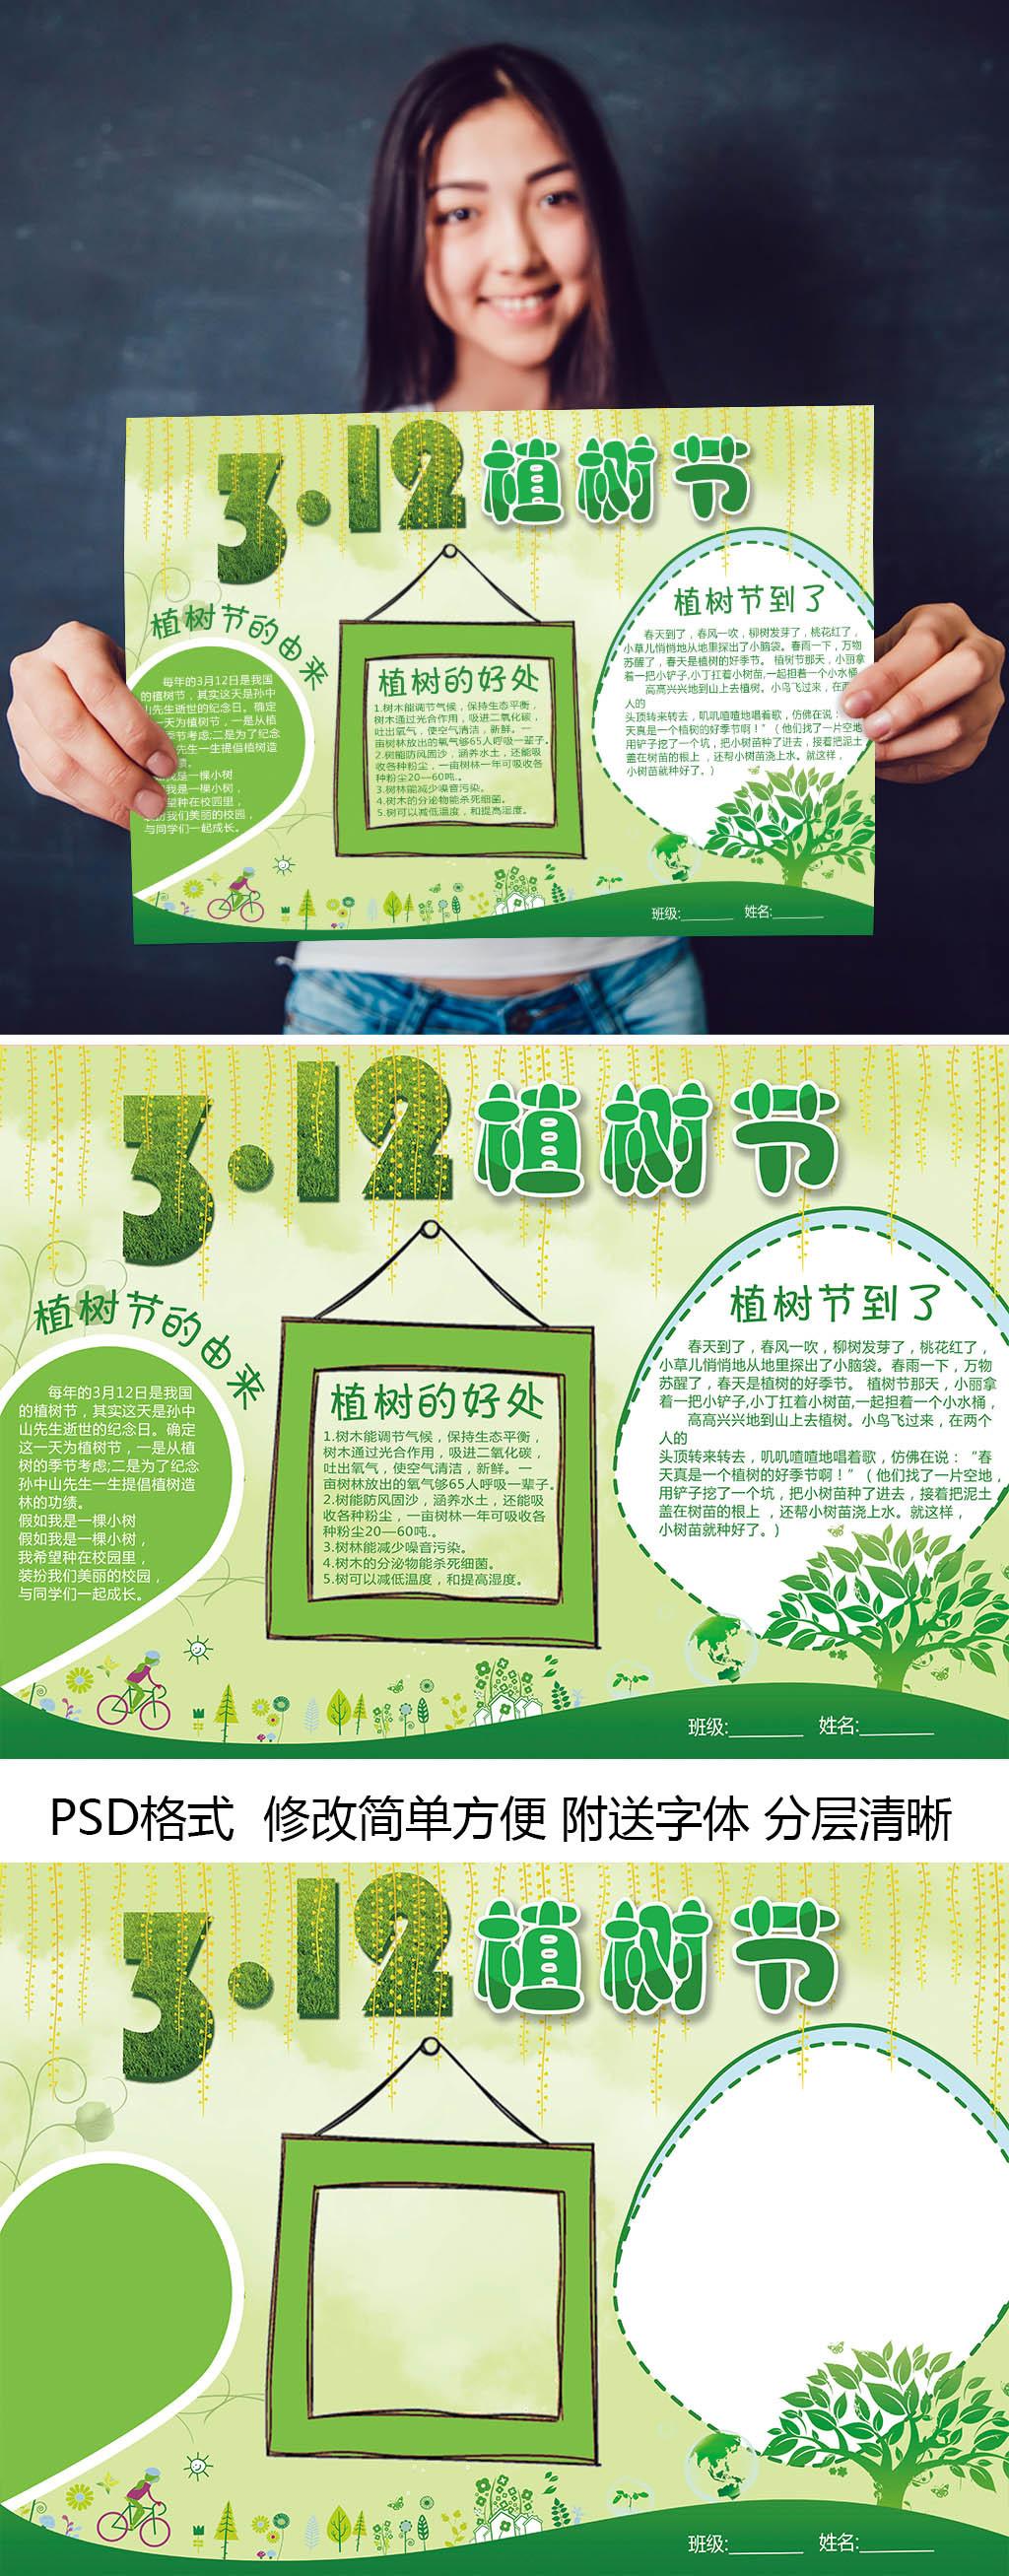 手抄报|小报 节日手抄报 > 春天植树节小报环保绿色手抄电子小报